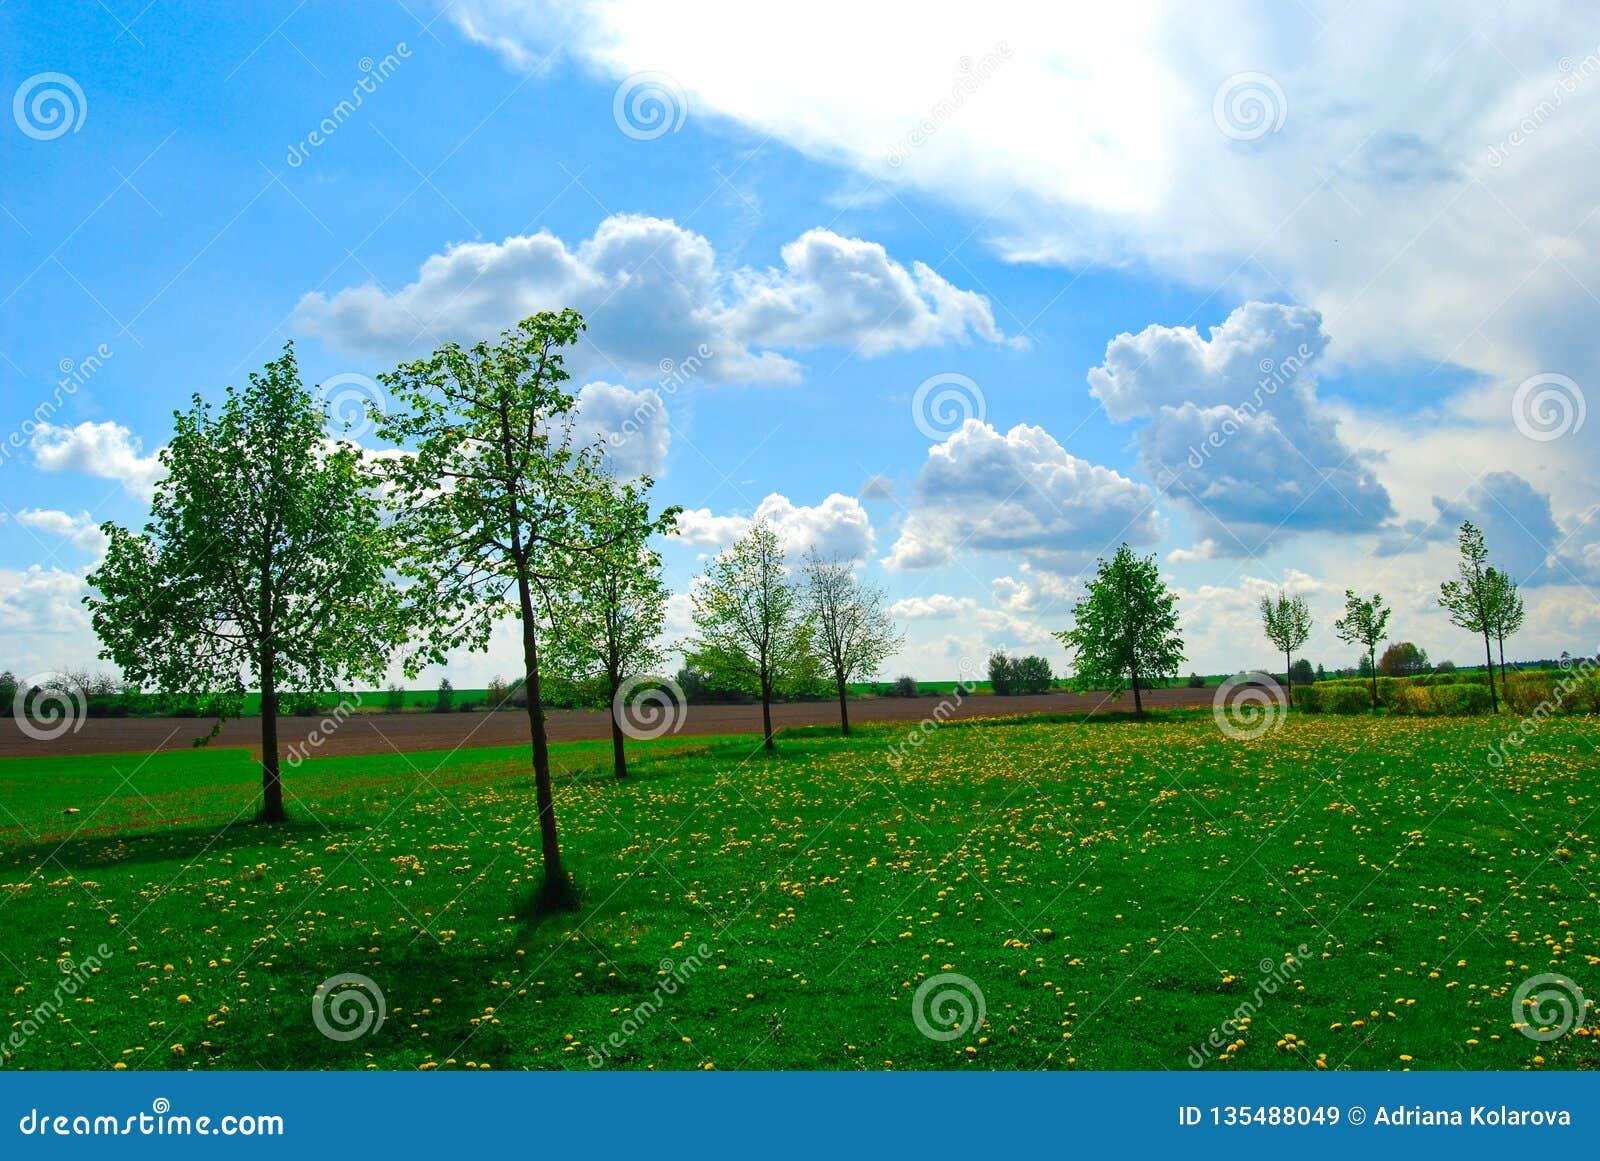 Gröna träd på en blommaäng, ljus dag, vår, Tjeckien